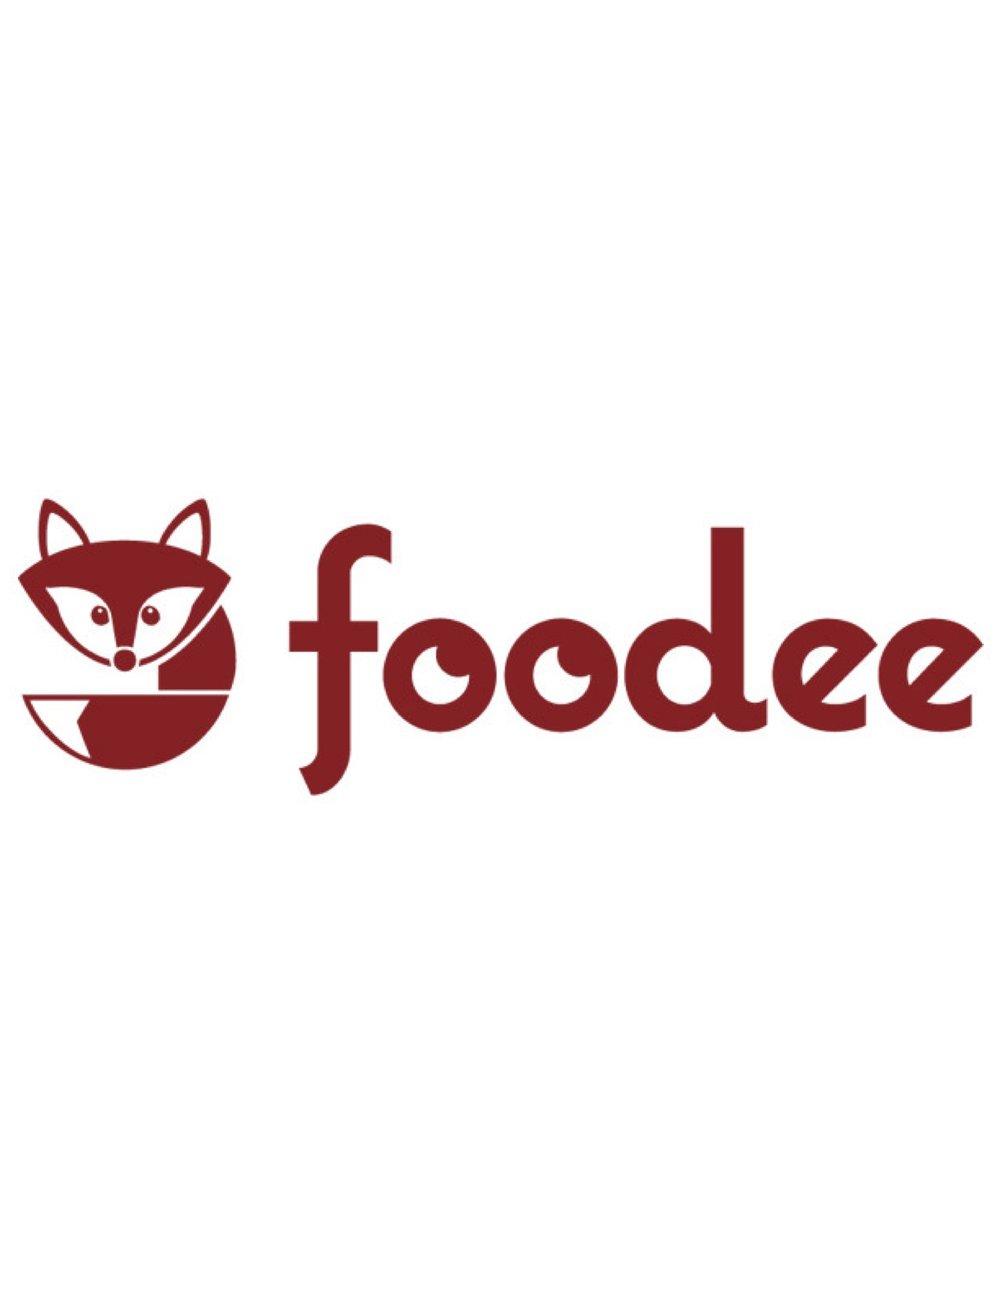 foodee-logo-600x336.jpg